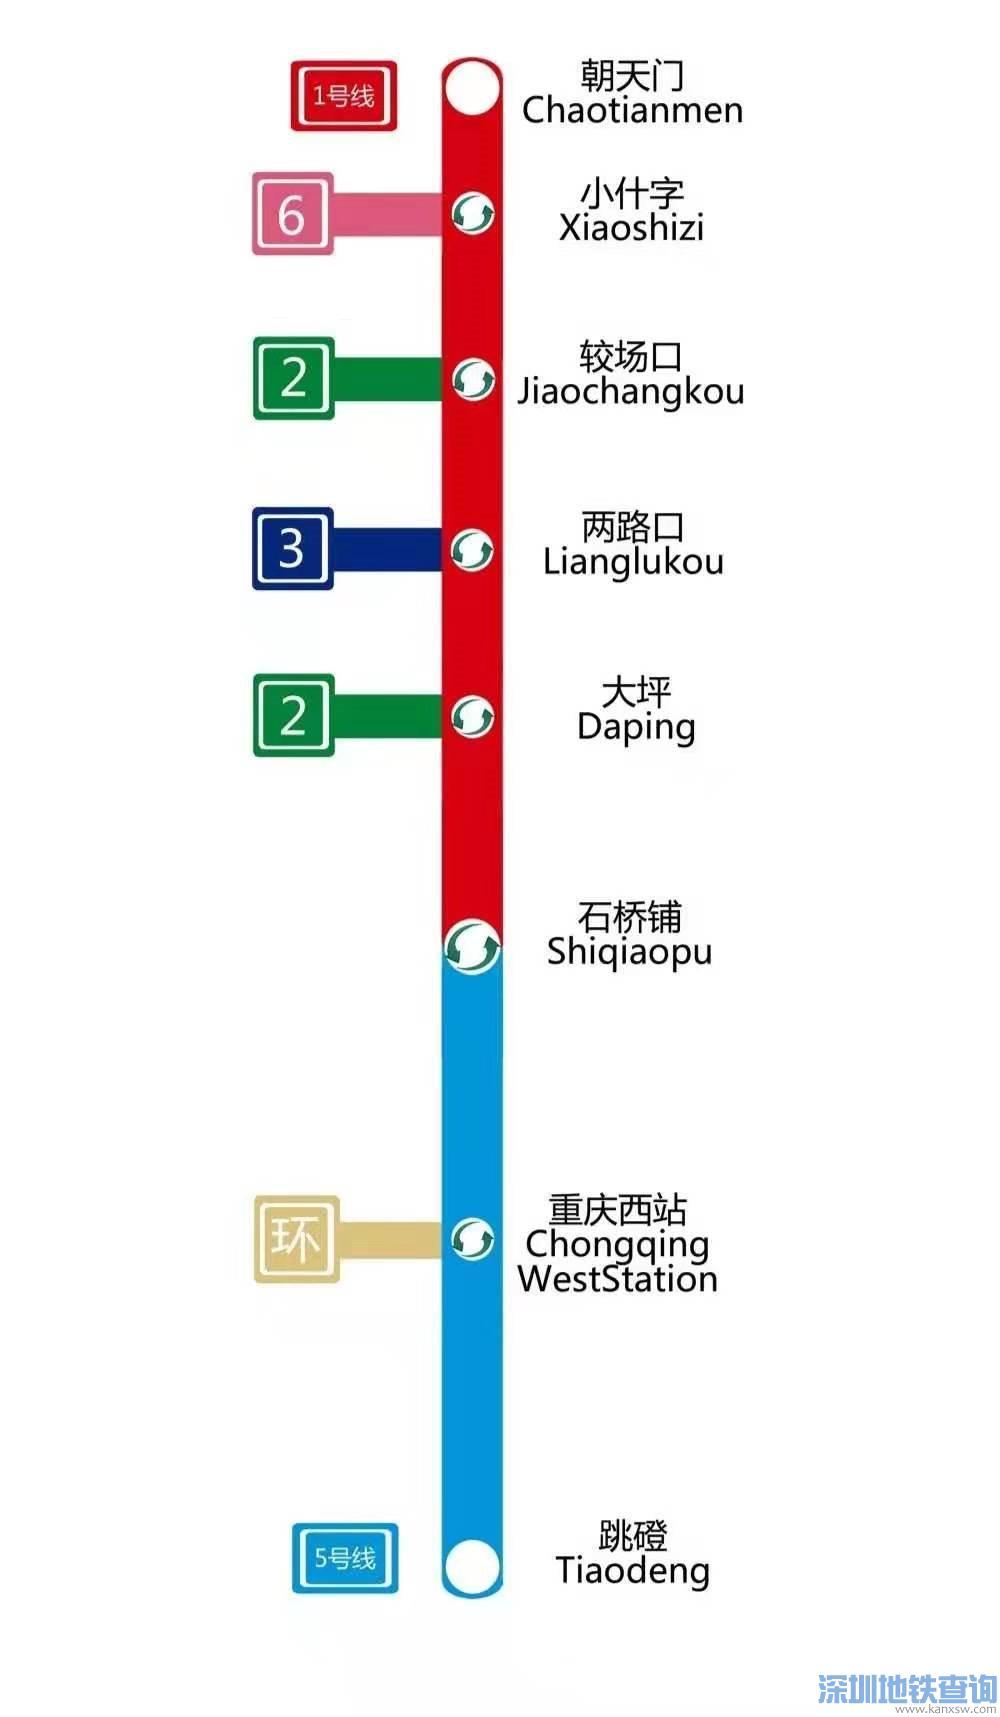 重庆地铁5号线南北段换乘站点、可换乘的线路一览